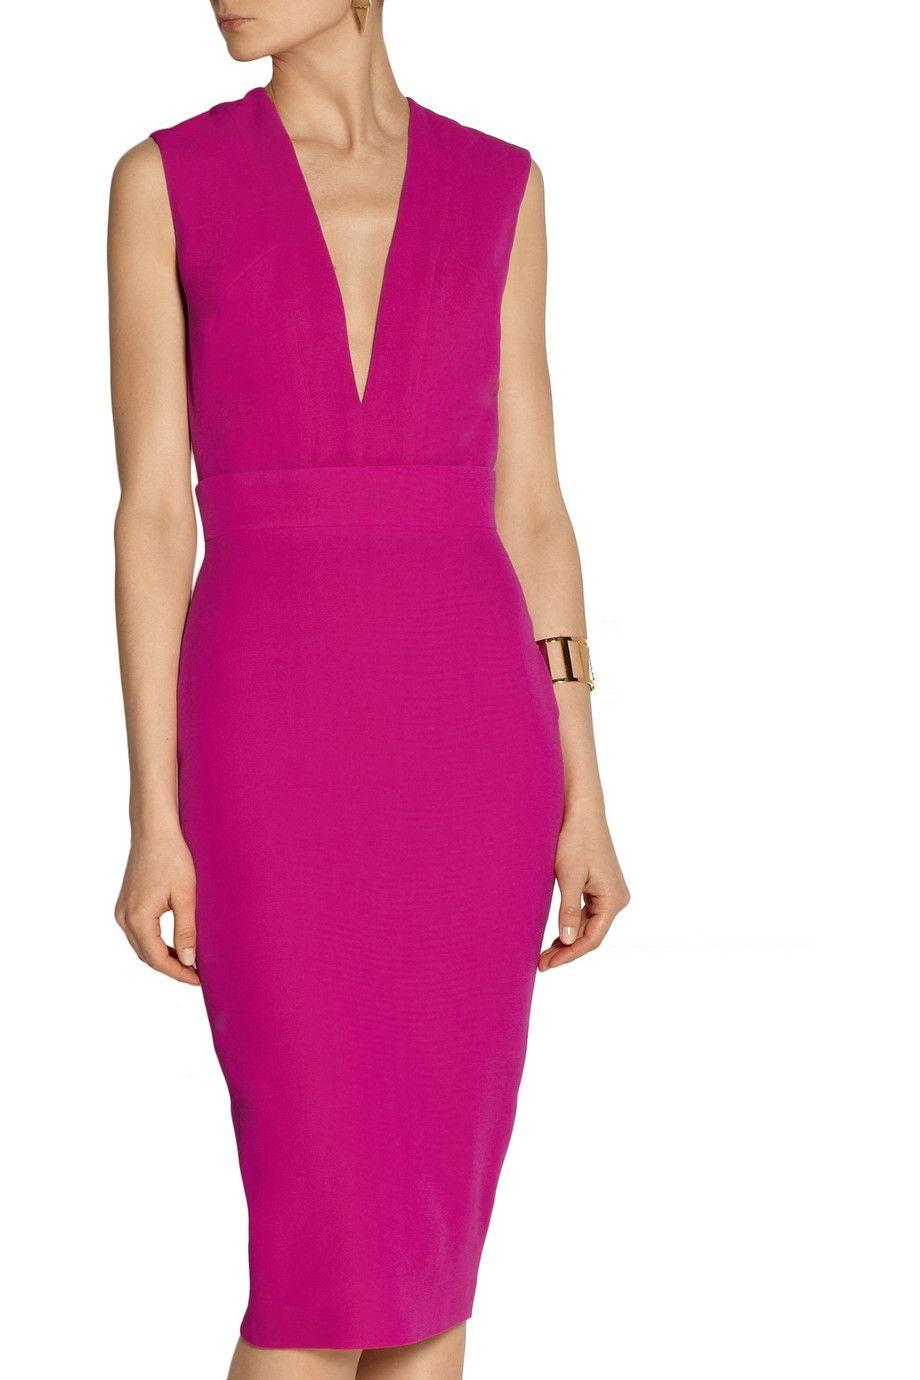 31+ Victoria beckham purple wedding dress designer info